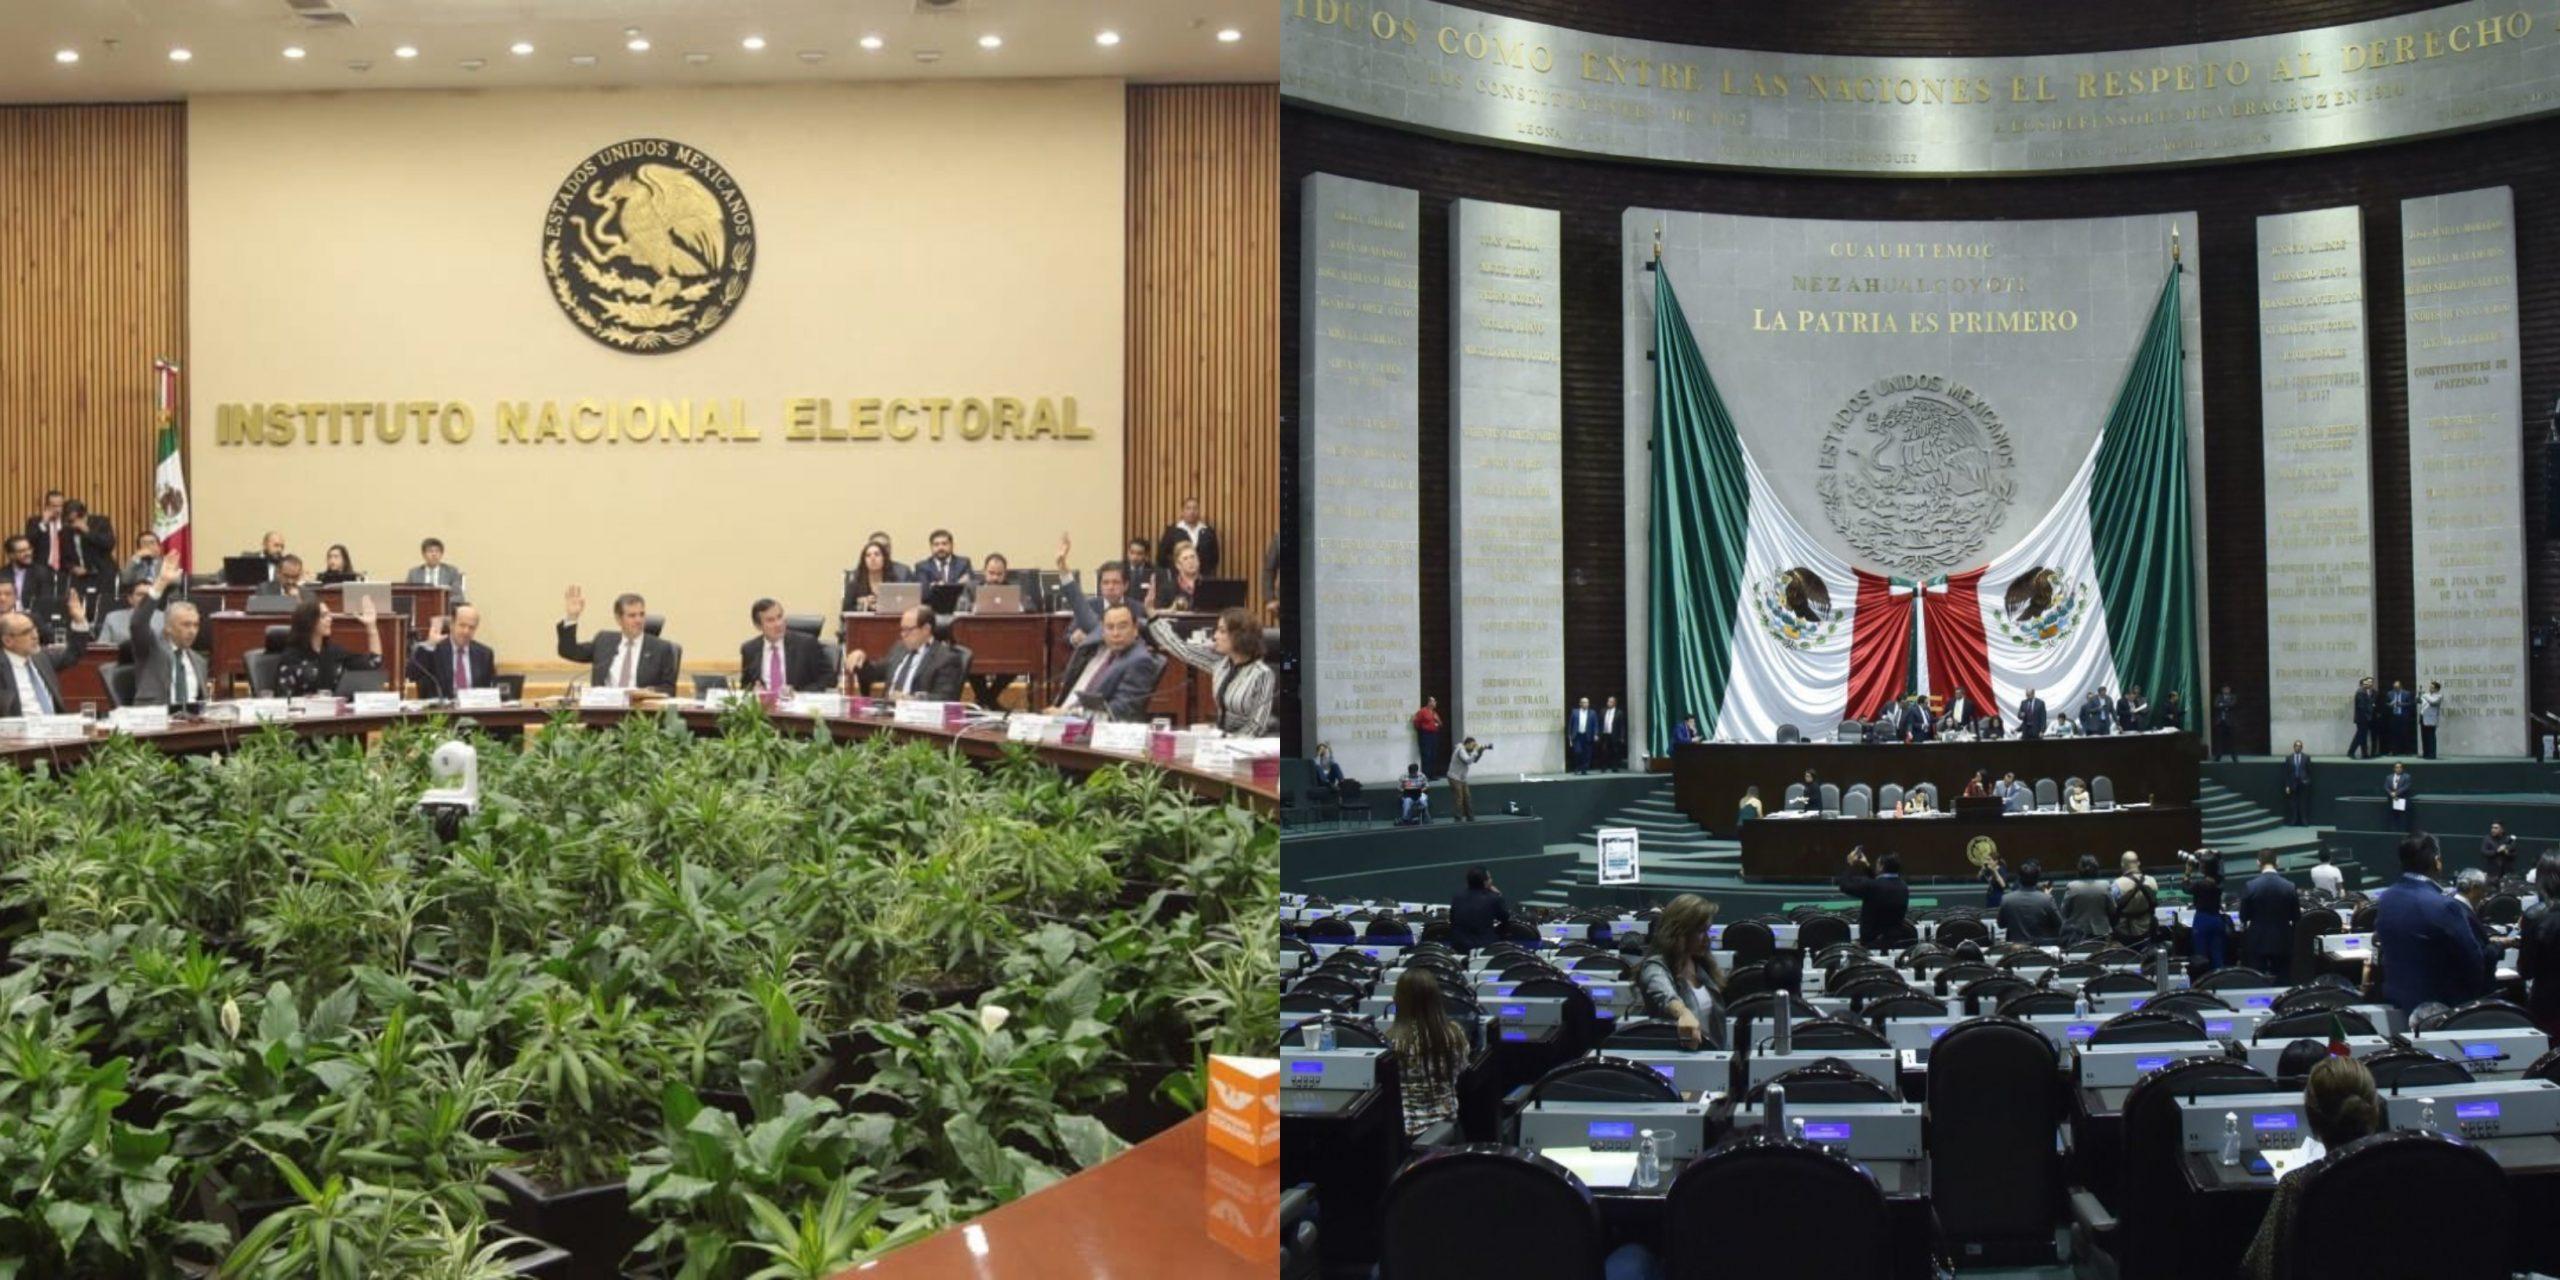 Morena, PT MP Los parlamentarios del PSE buscan el despido de los aspirantes a quintetos de CEO del INE